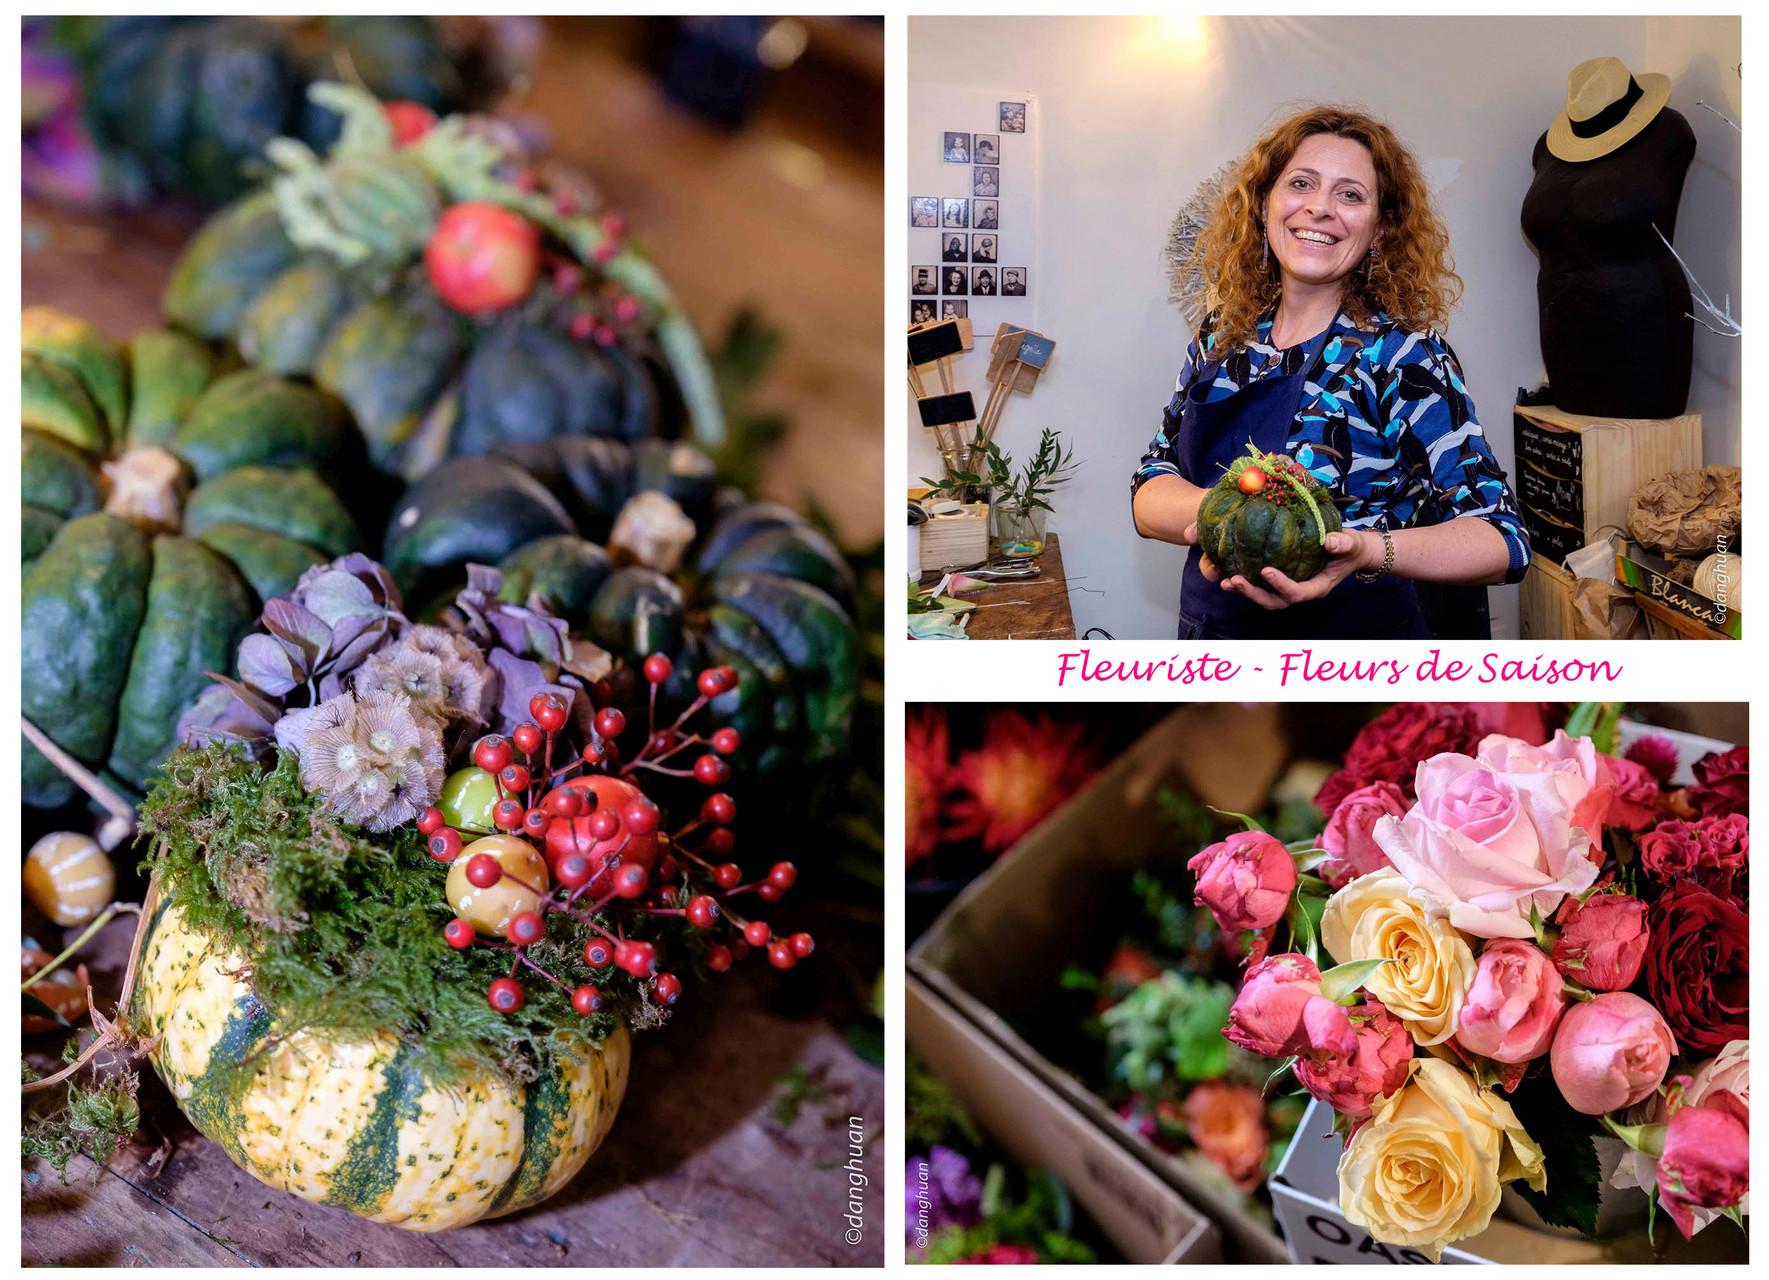 La fleuriste  Mathilde VIAL (On the Sunny Side) utilise les fleurs et légumes de saison pour réaliser ses compositions florales